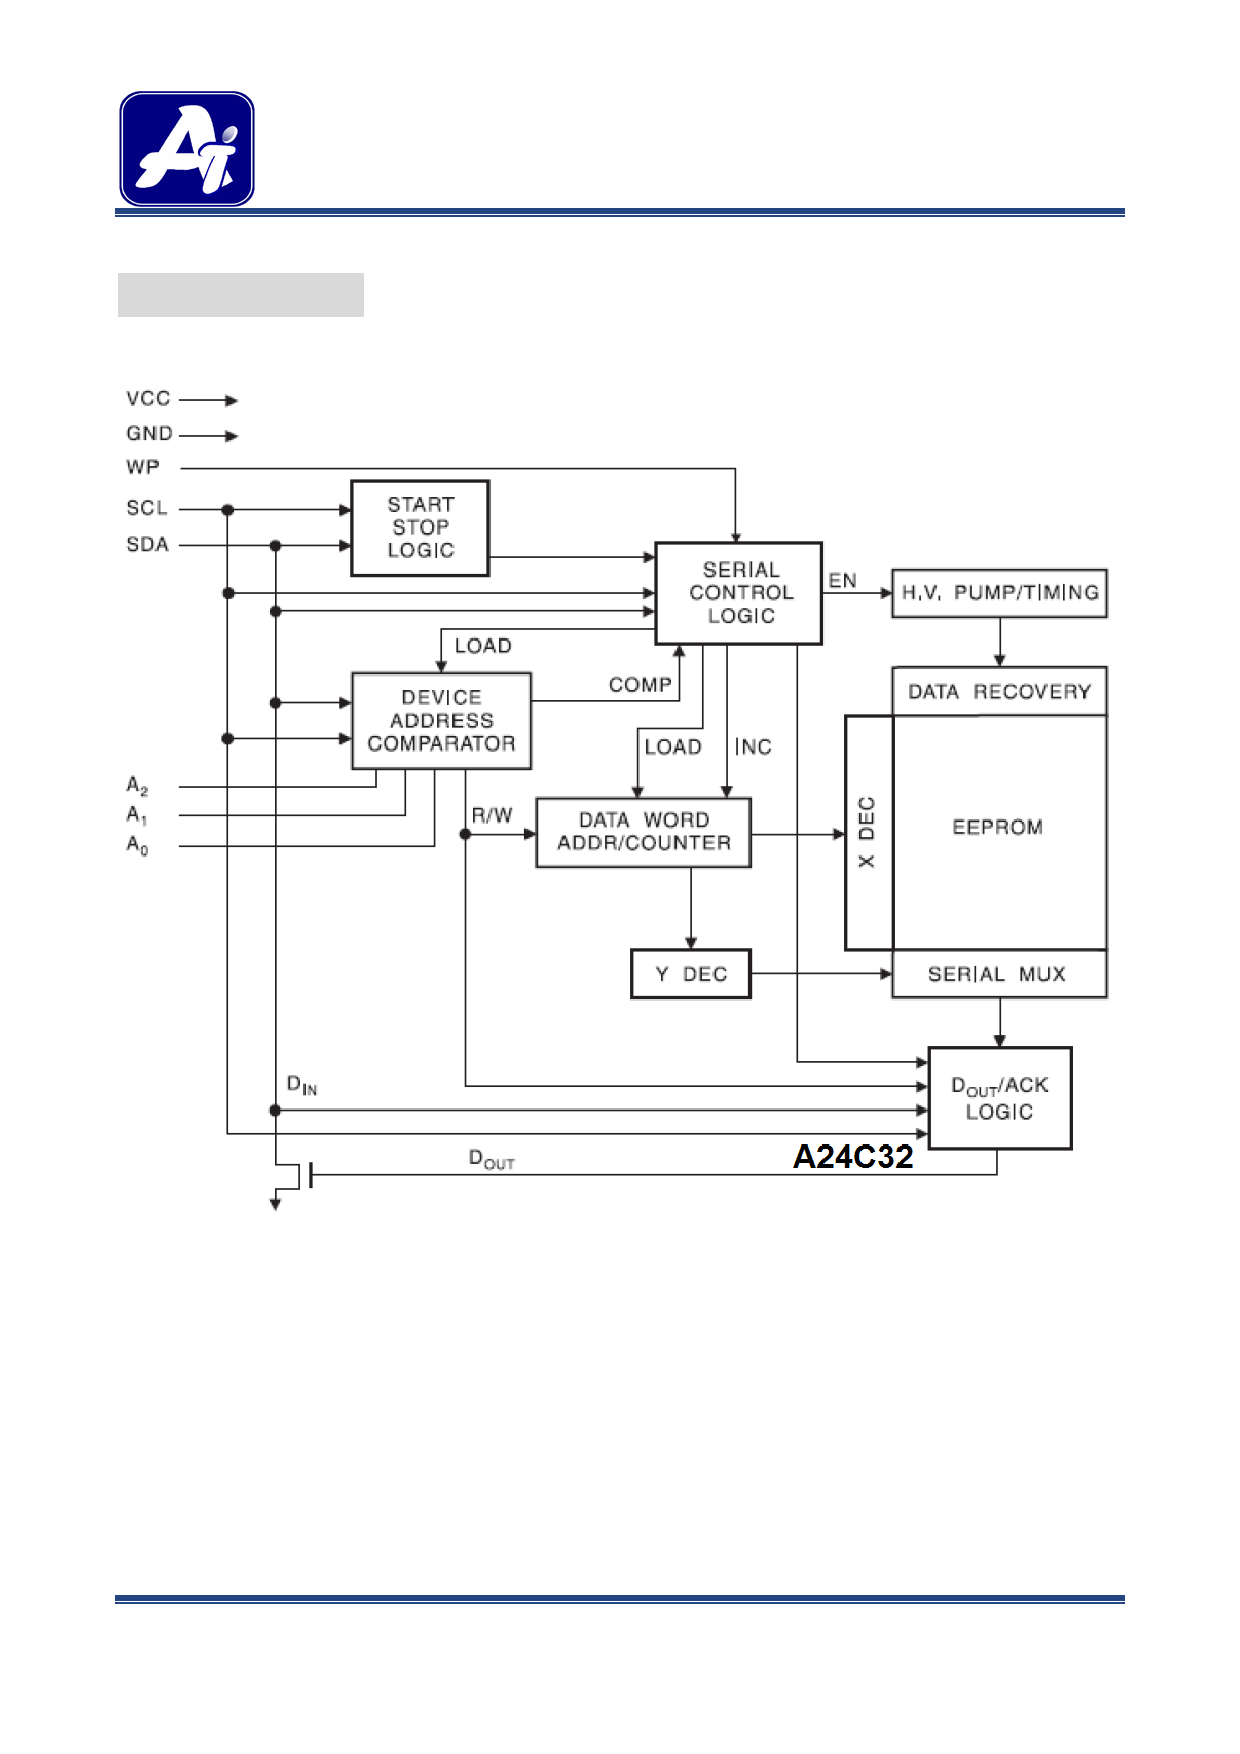 A24C32 equivalent